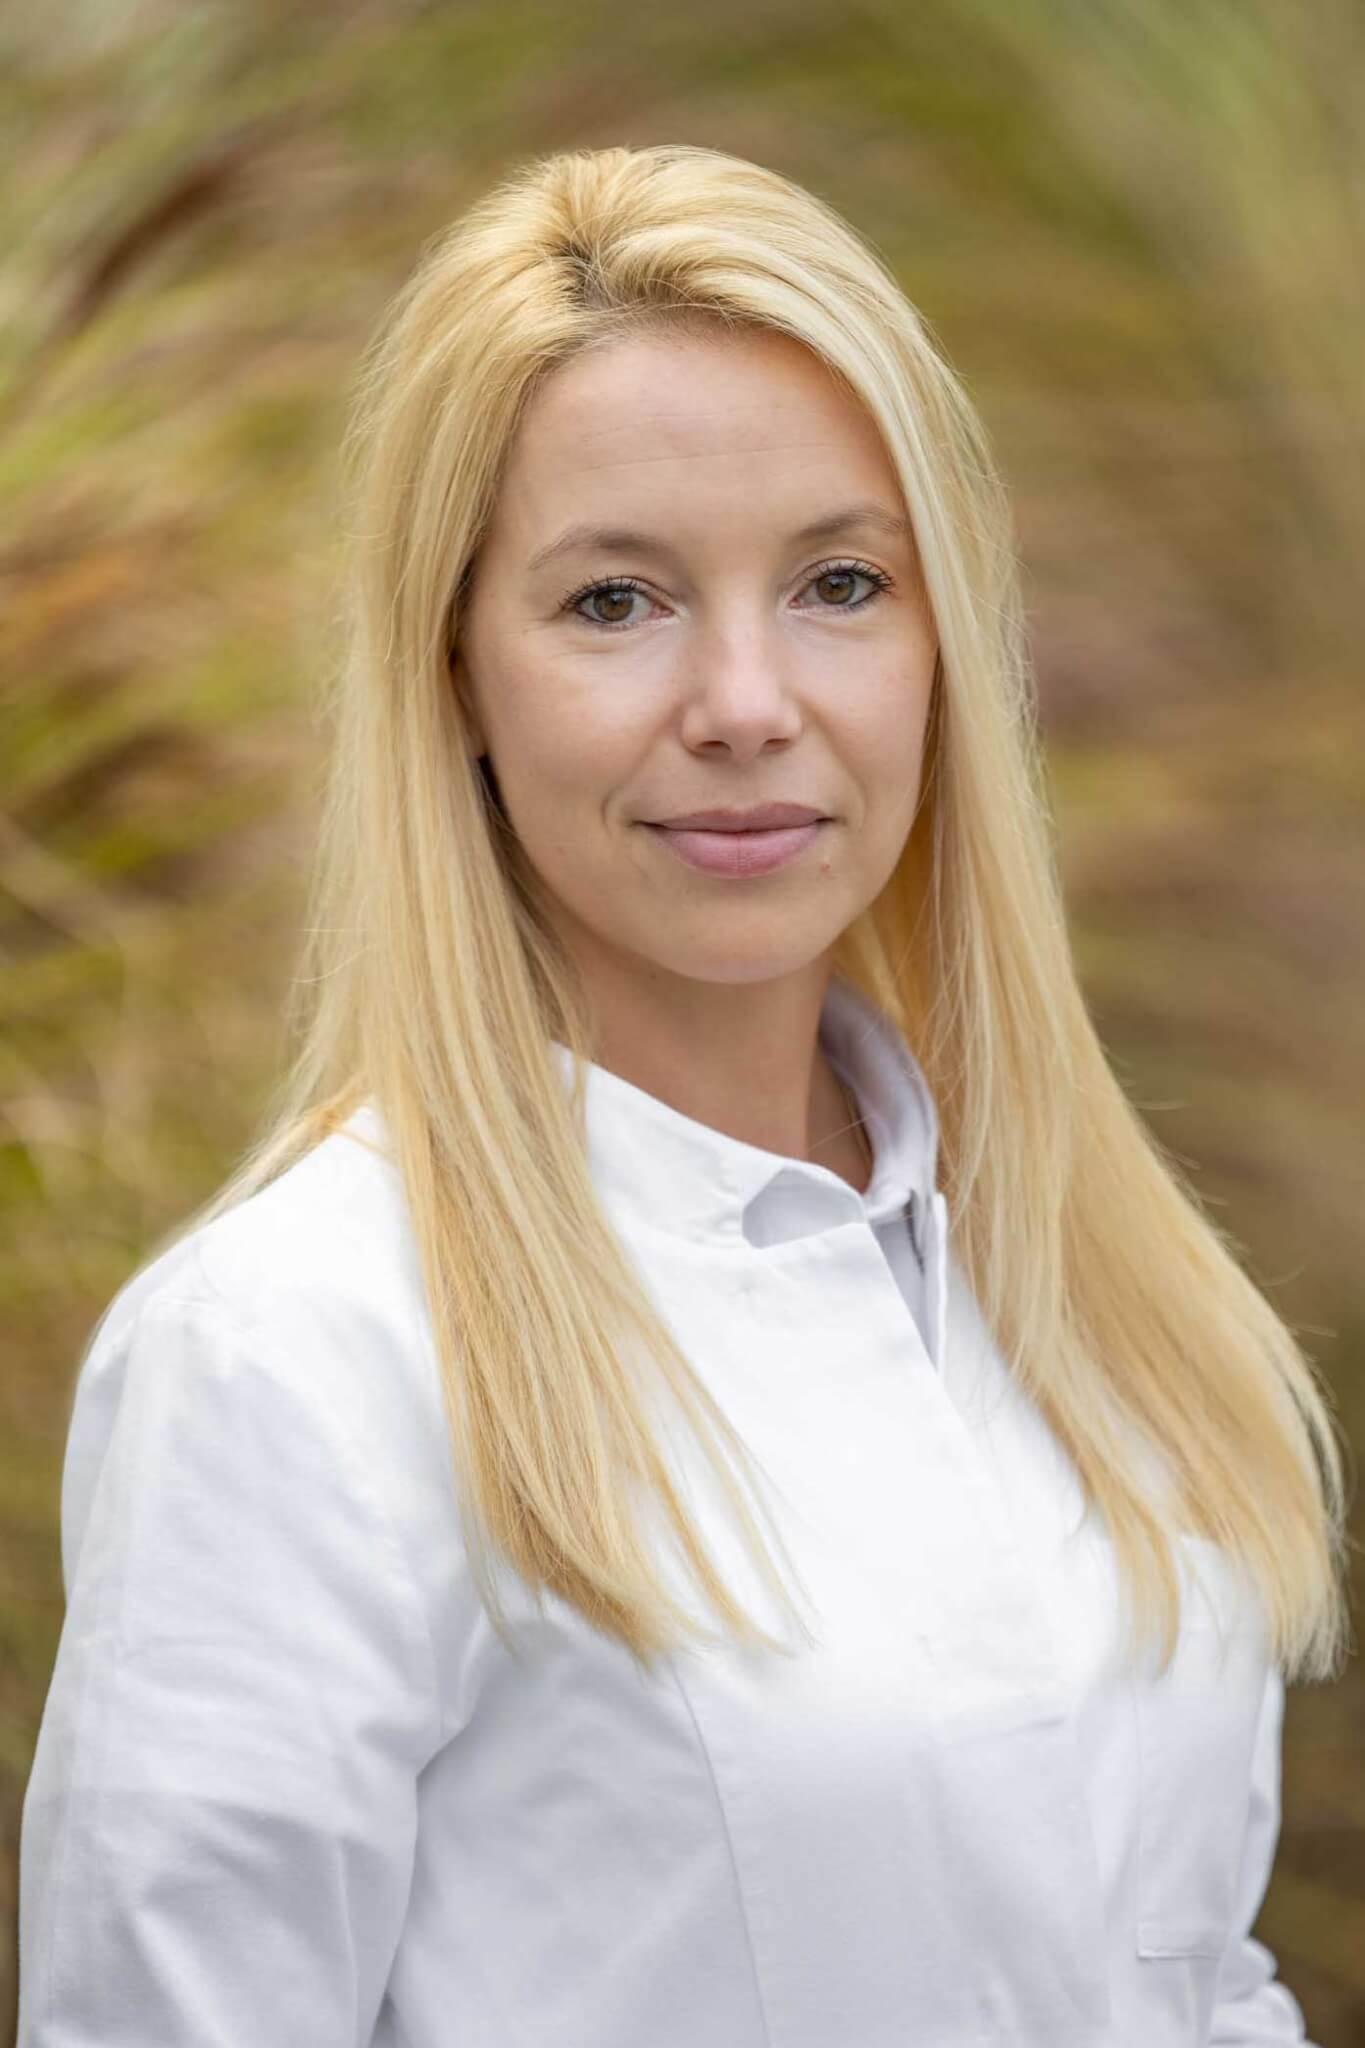 Mihaela Minea